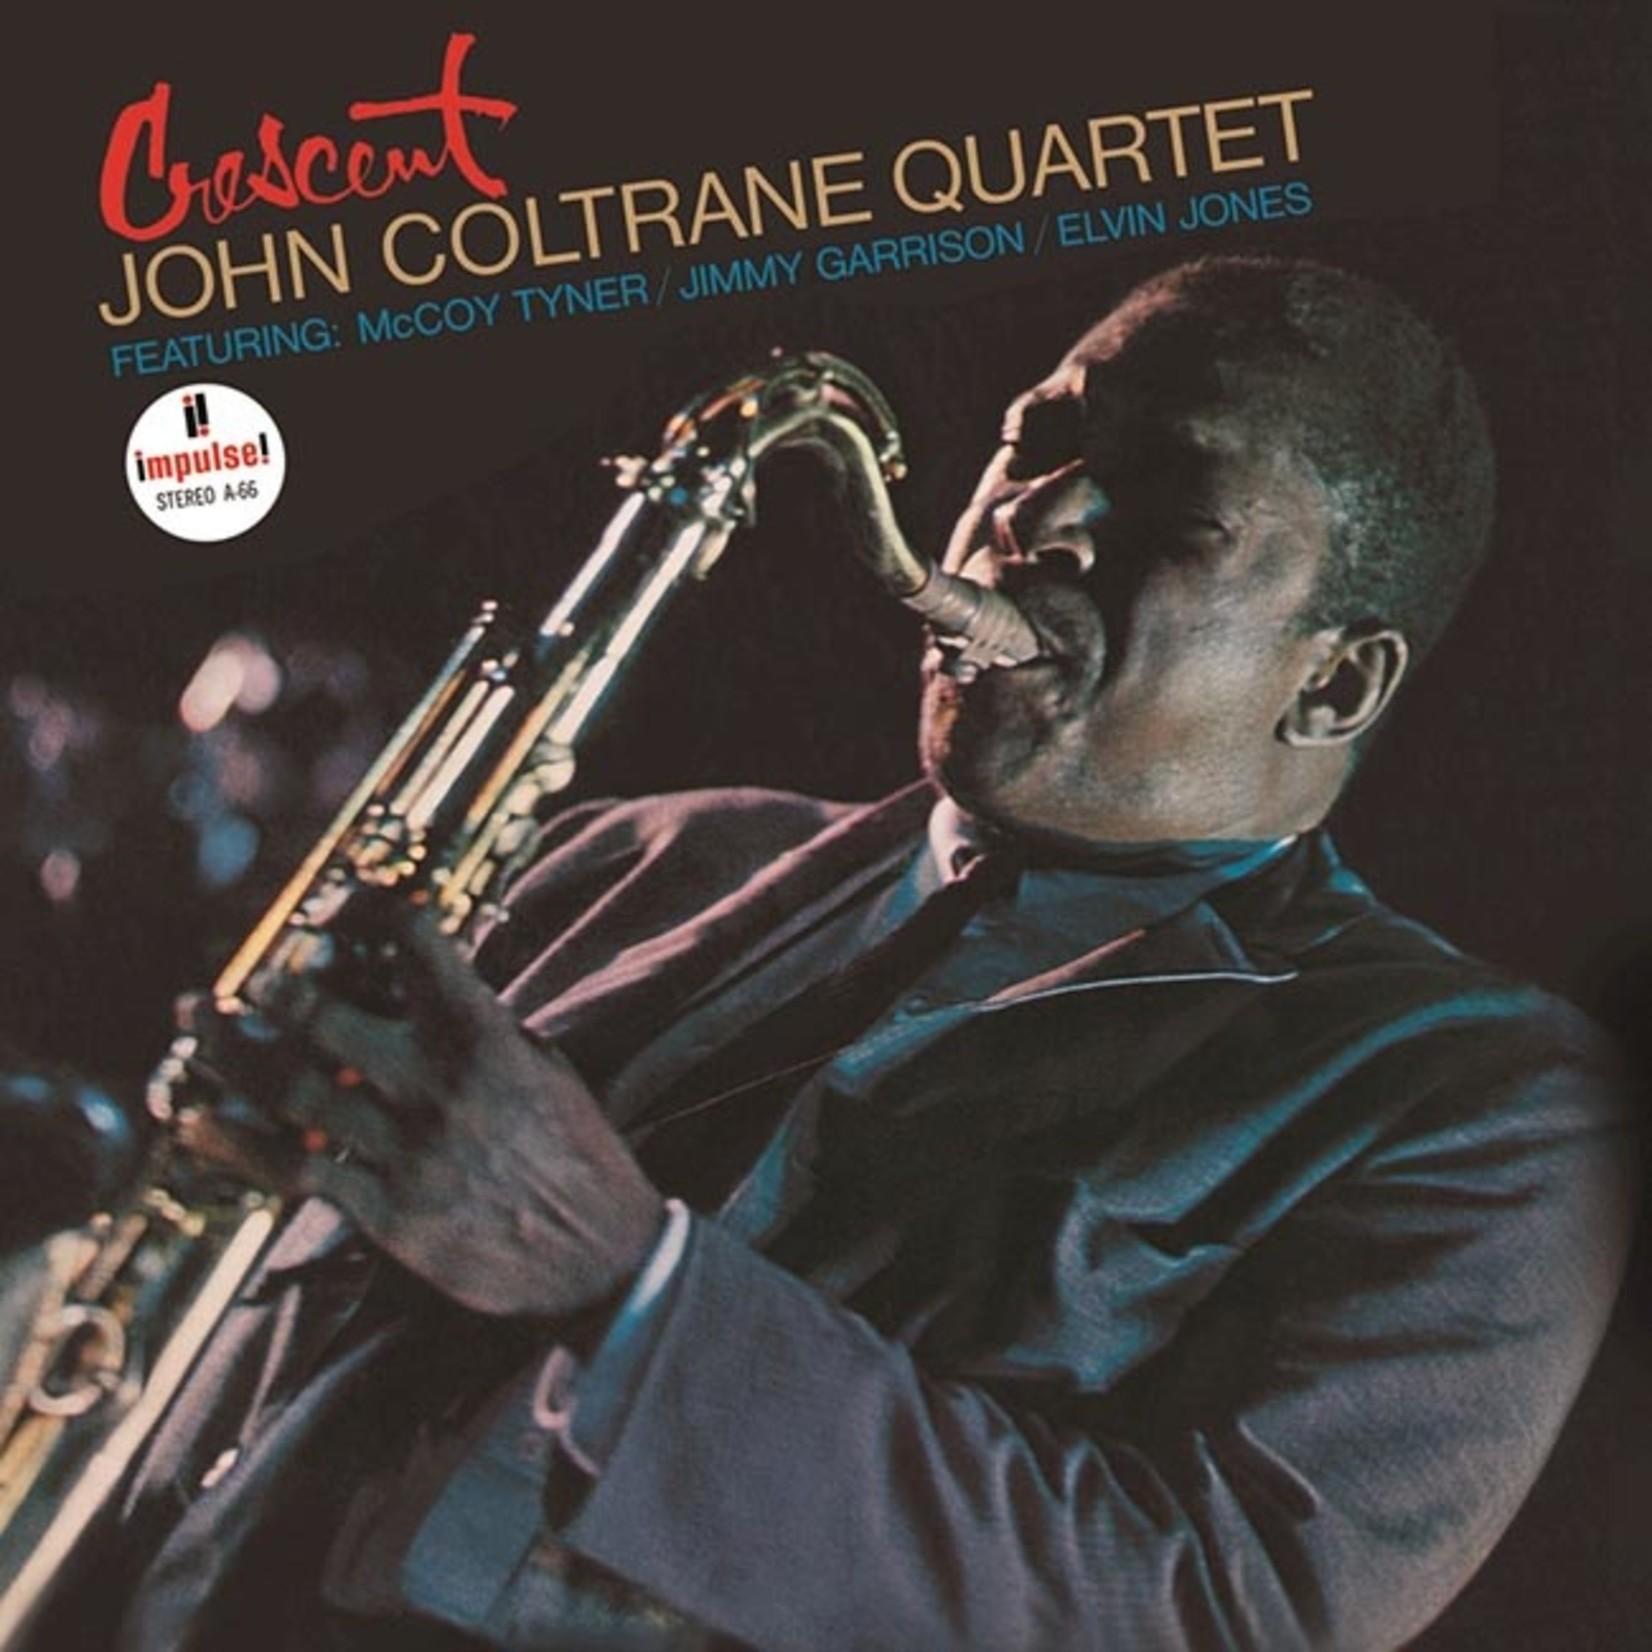 [New] Coltrane, John: Crescent